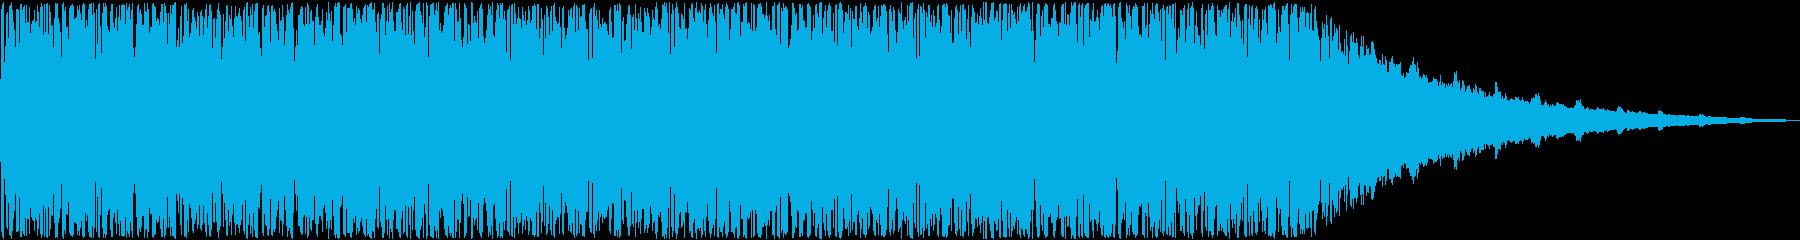 パーティーの告知映像、イベントBGM等の再生済みの波形